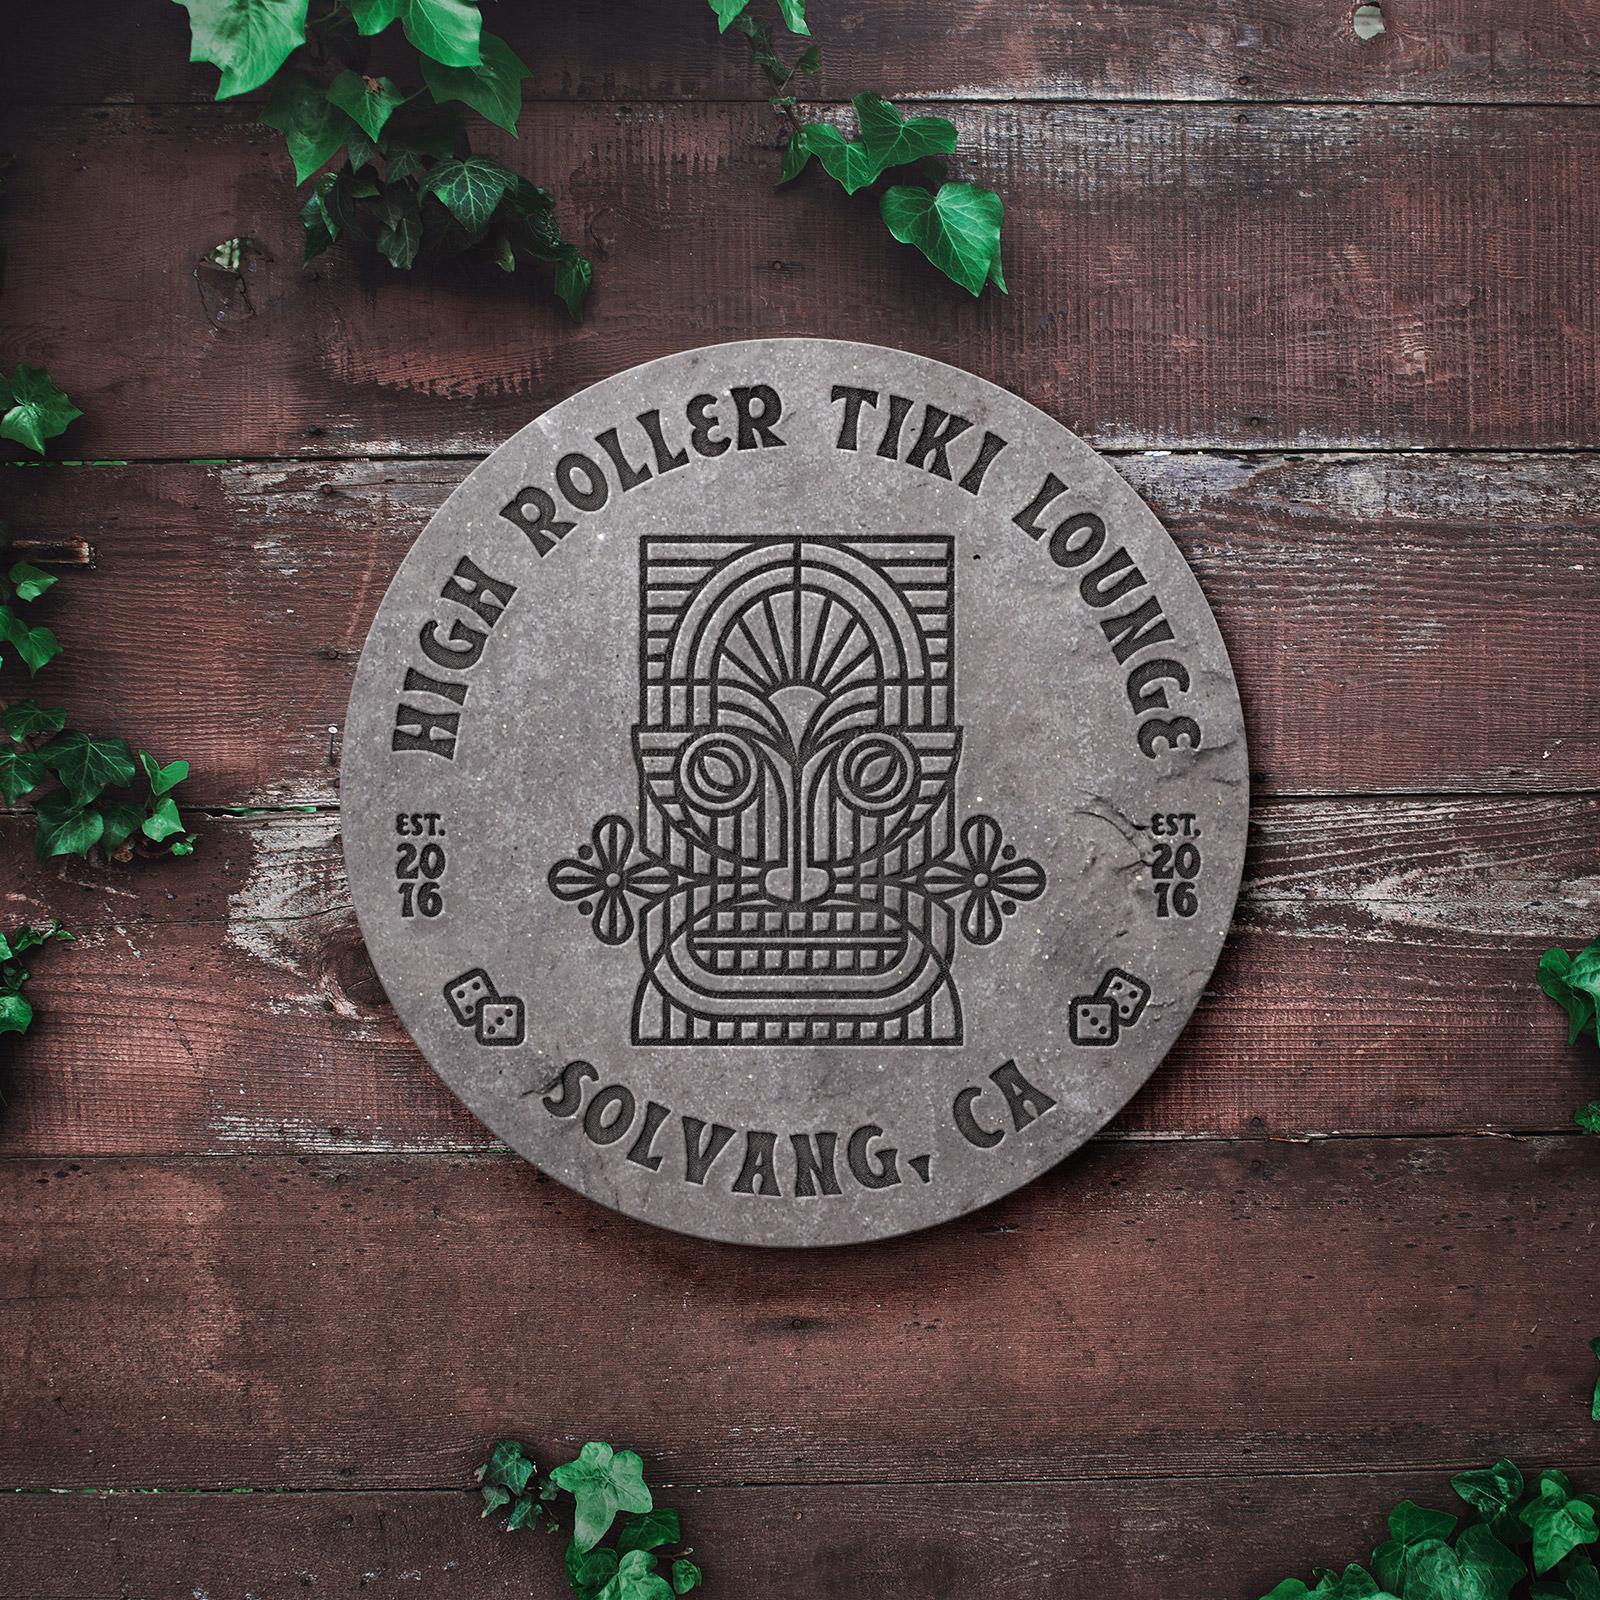 High Roller Tiki Lounge Signage